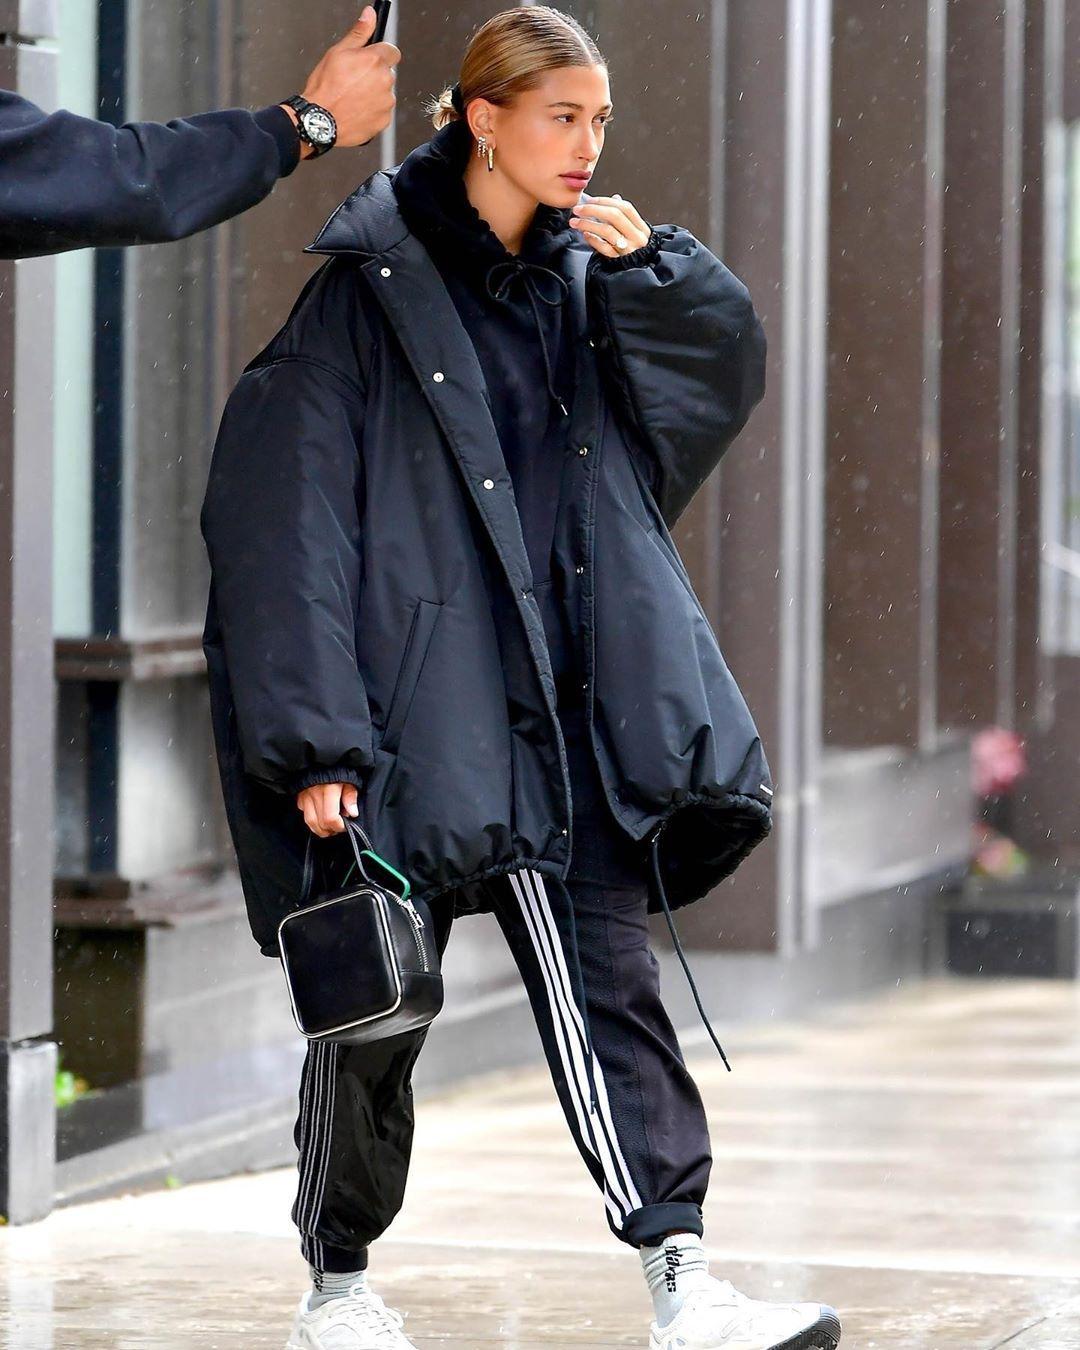 معطف اوفر سايز أسود اختارته هيلي بيبر مع اطلالة رياضية